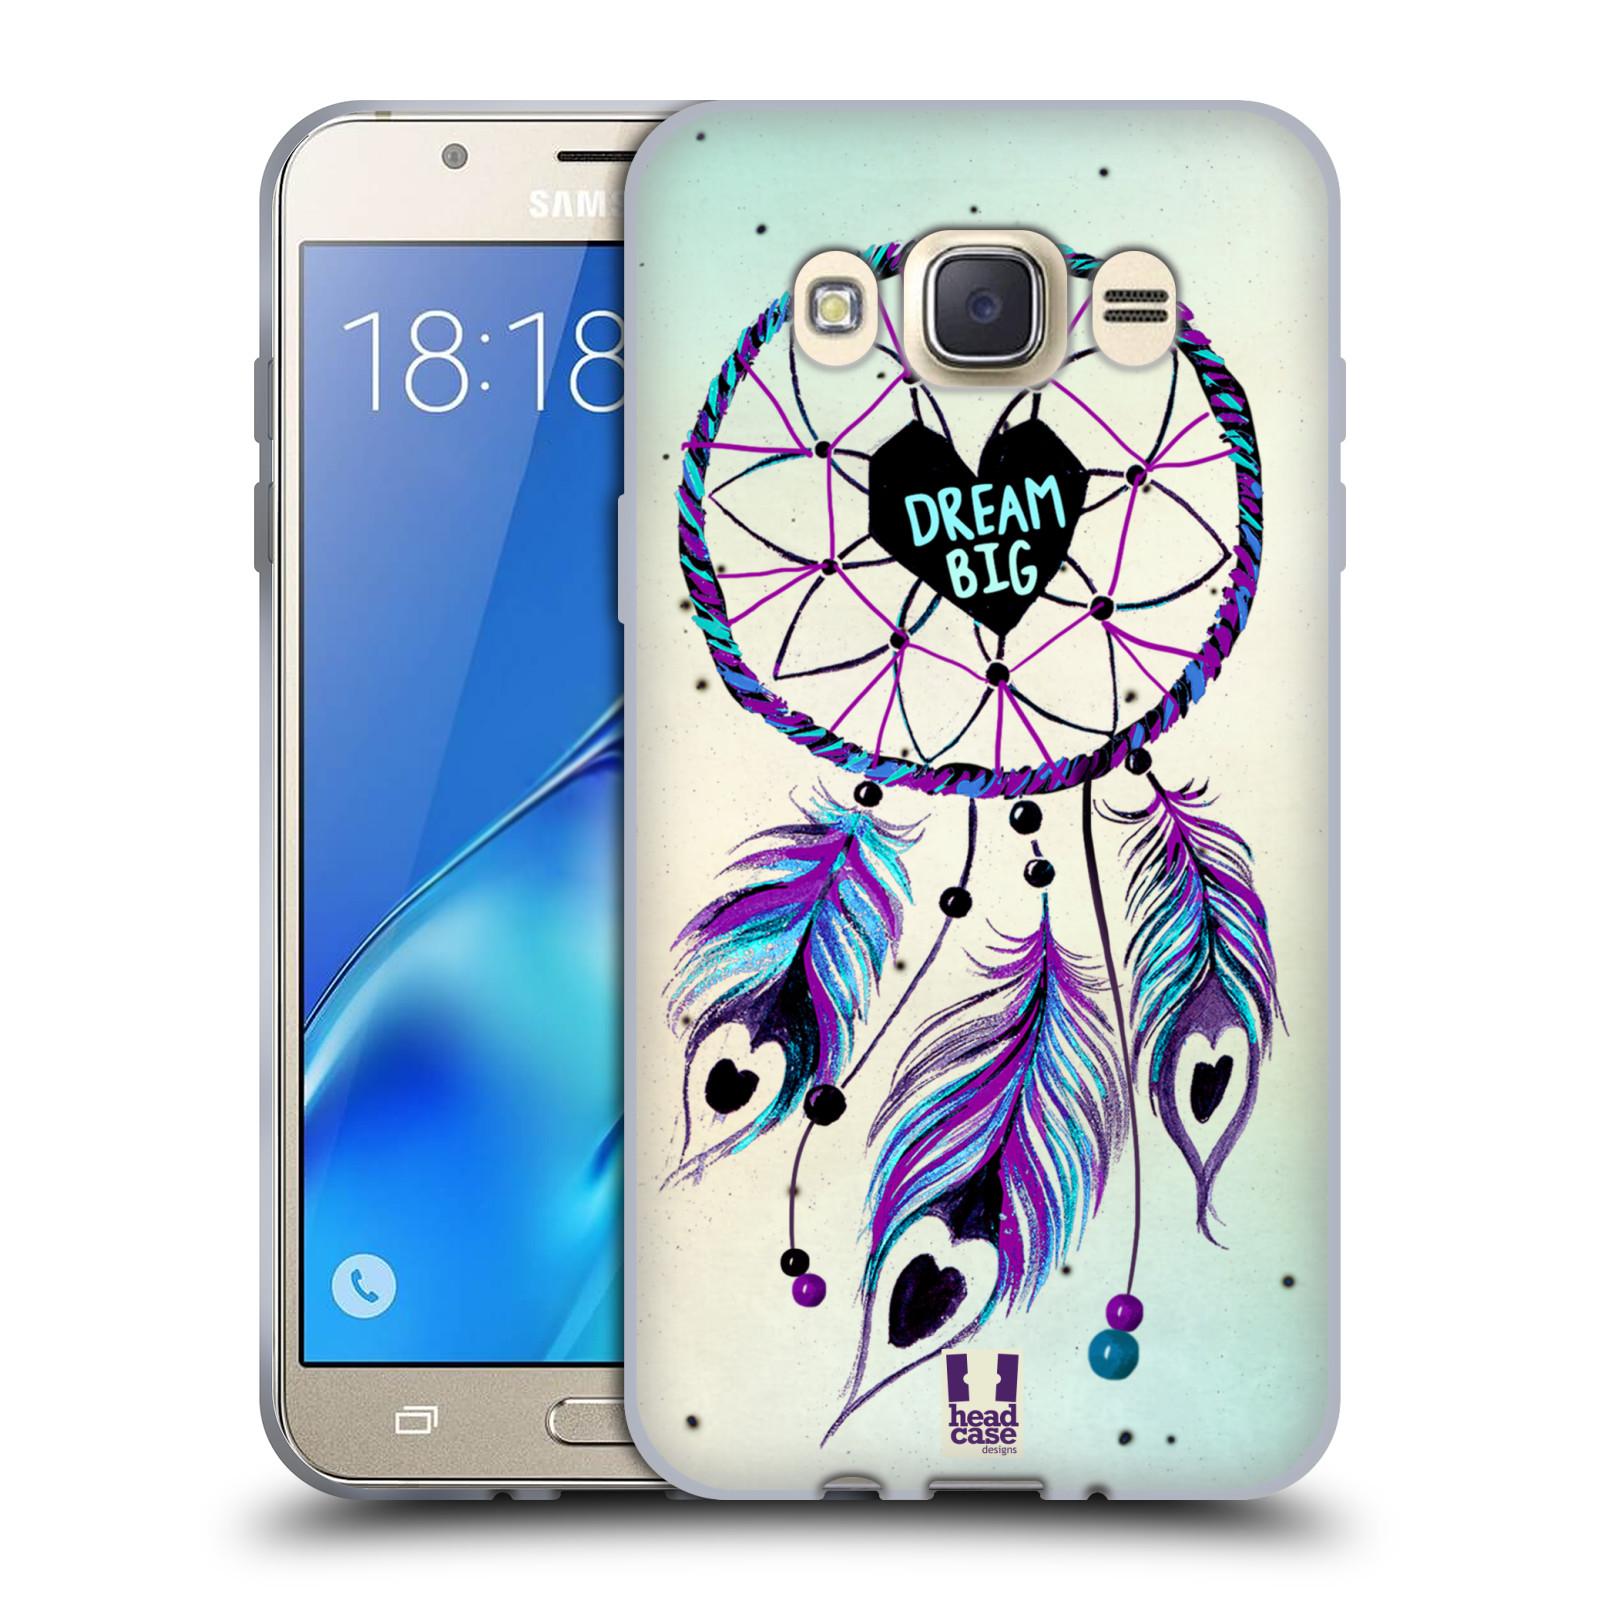 Silikonové pouzdro na mobil Samsung Galaxy J7 (2016) HEAD CASE Lapač Assorted Dream Big Srdce